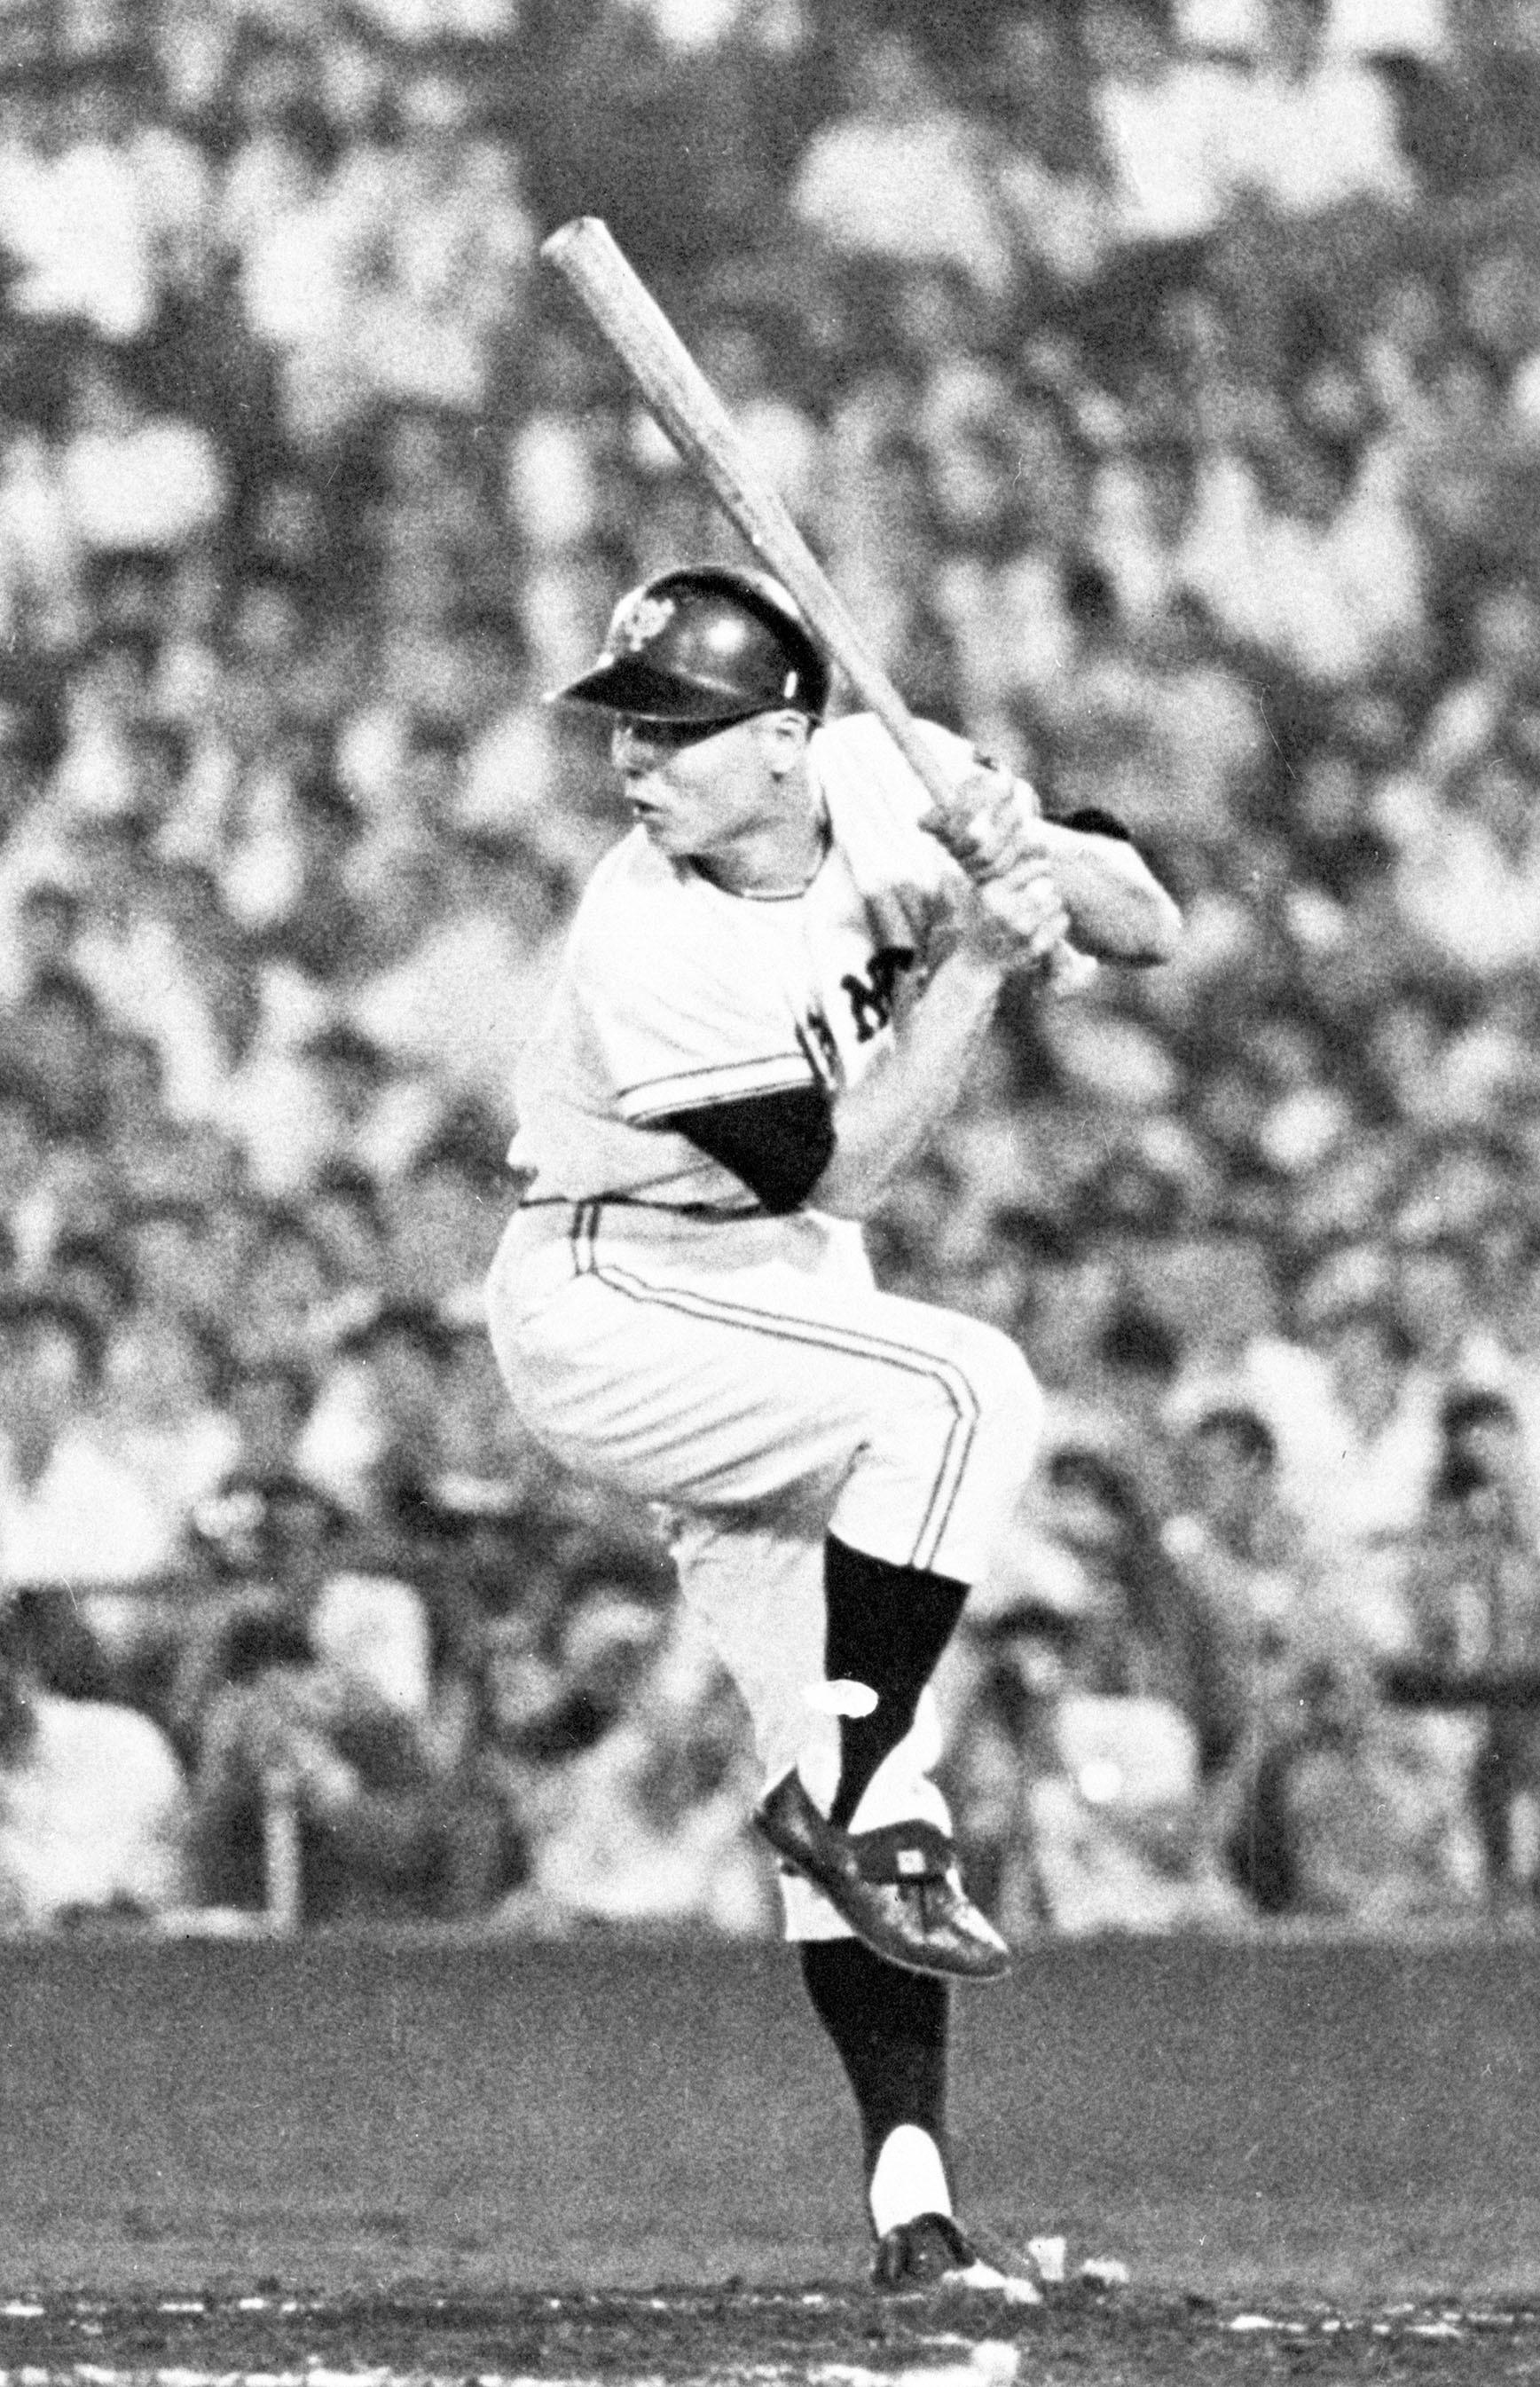 1964年9月、打席に立つ巨人の王貞治選手。この年、55本塁打を放ち最優秀選手(MVP)に選出された